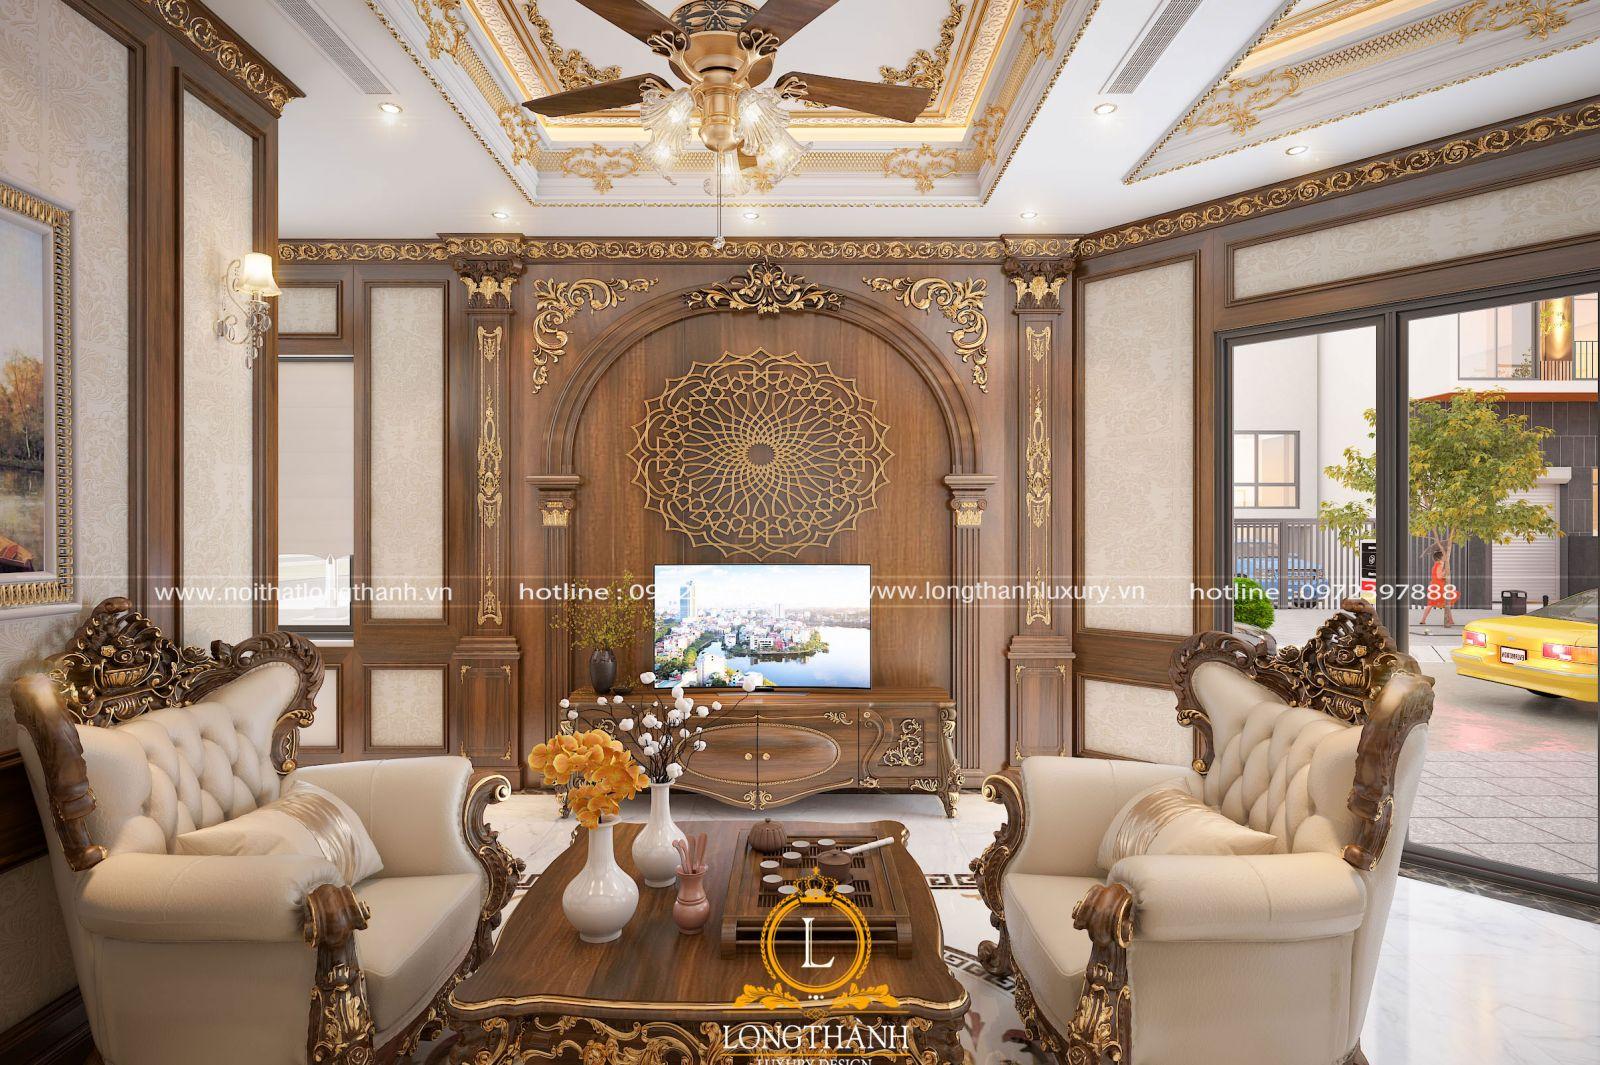 Mẫu sofa được thiết kế  mang dấu ấn phong cách tân cổ điển phù hợp với kiến trúc không gian